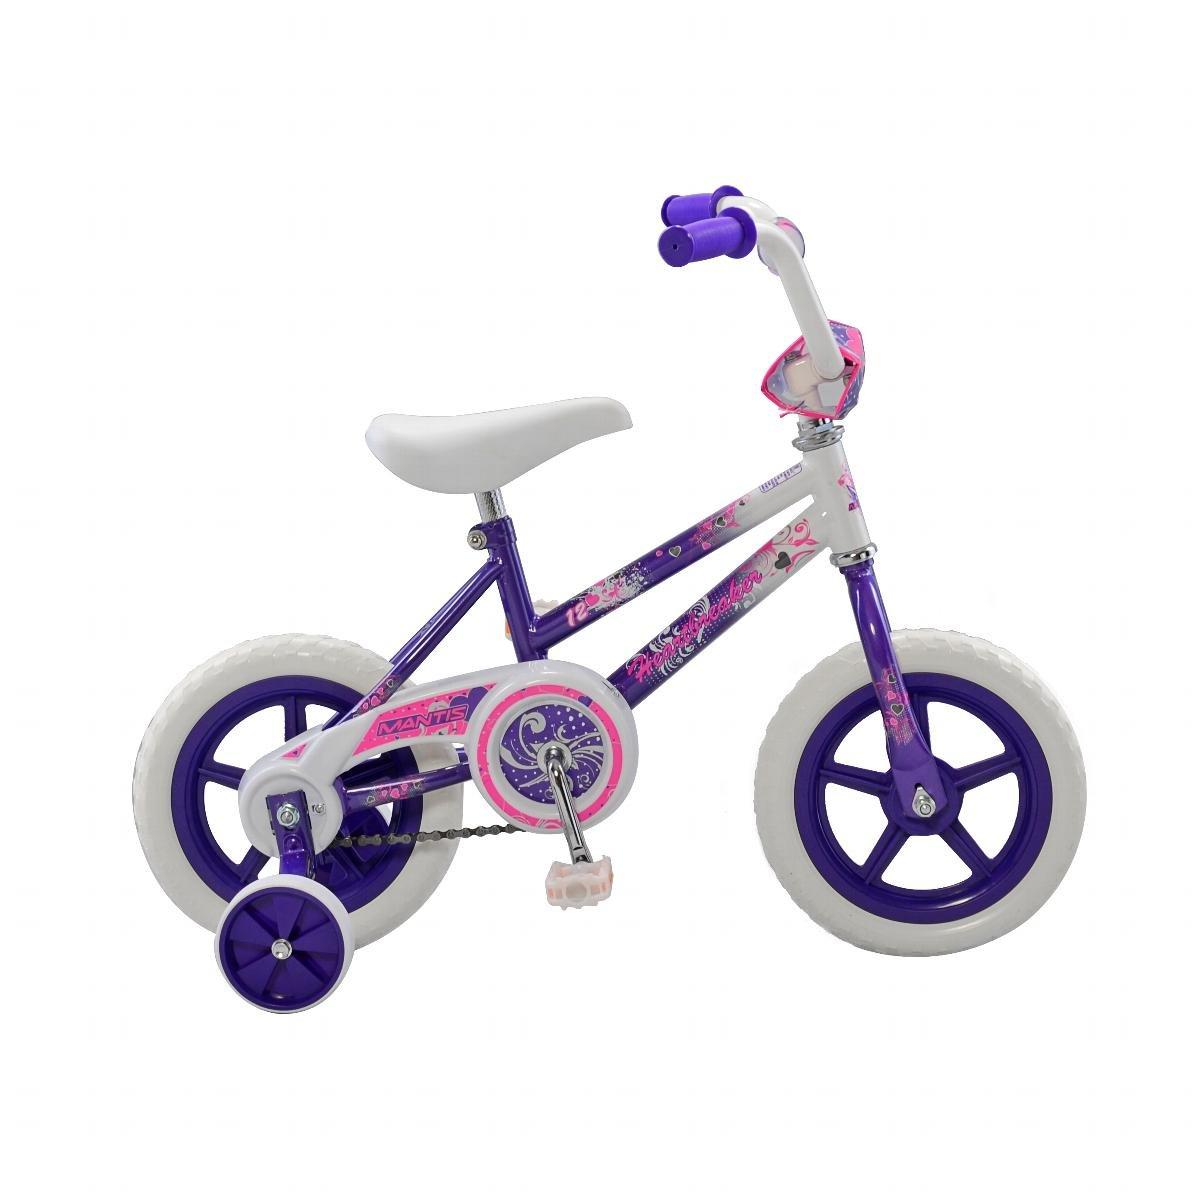 Mantis Girl's 12 Heartbreaker BMX Bike by Mantis B018SPJ0MC